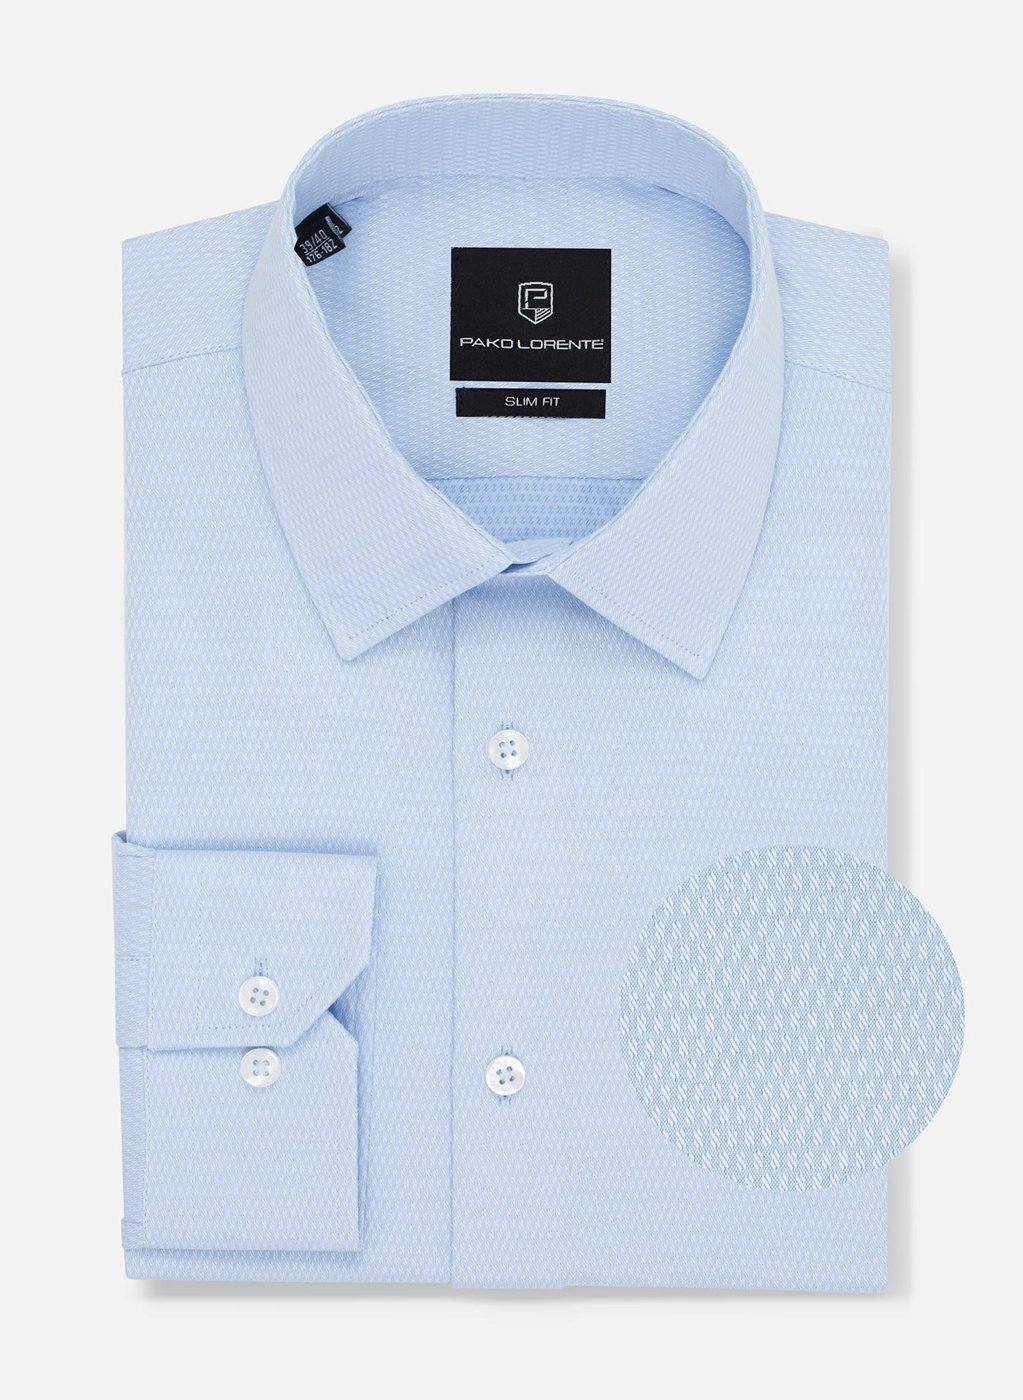 Koszula męska PLM-1X-503-N